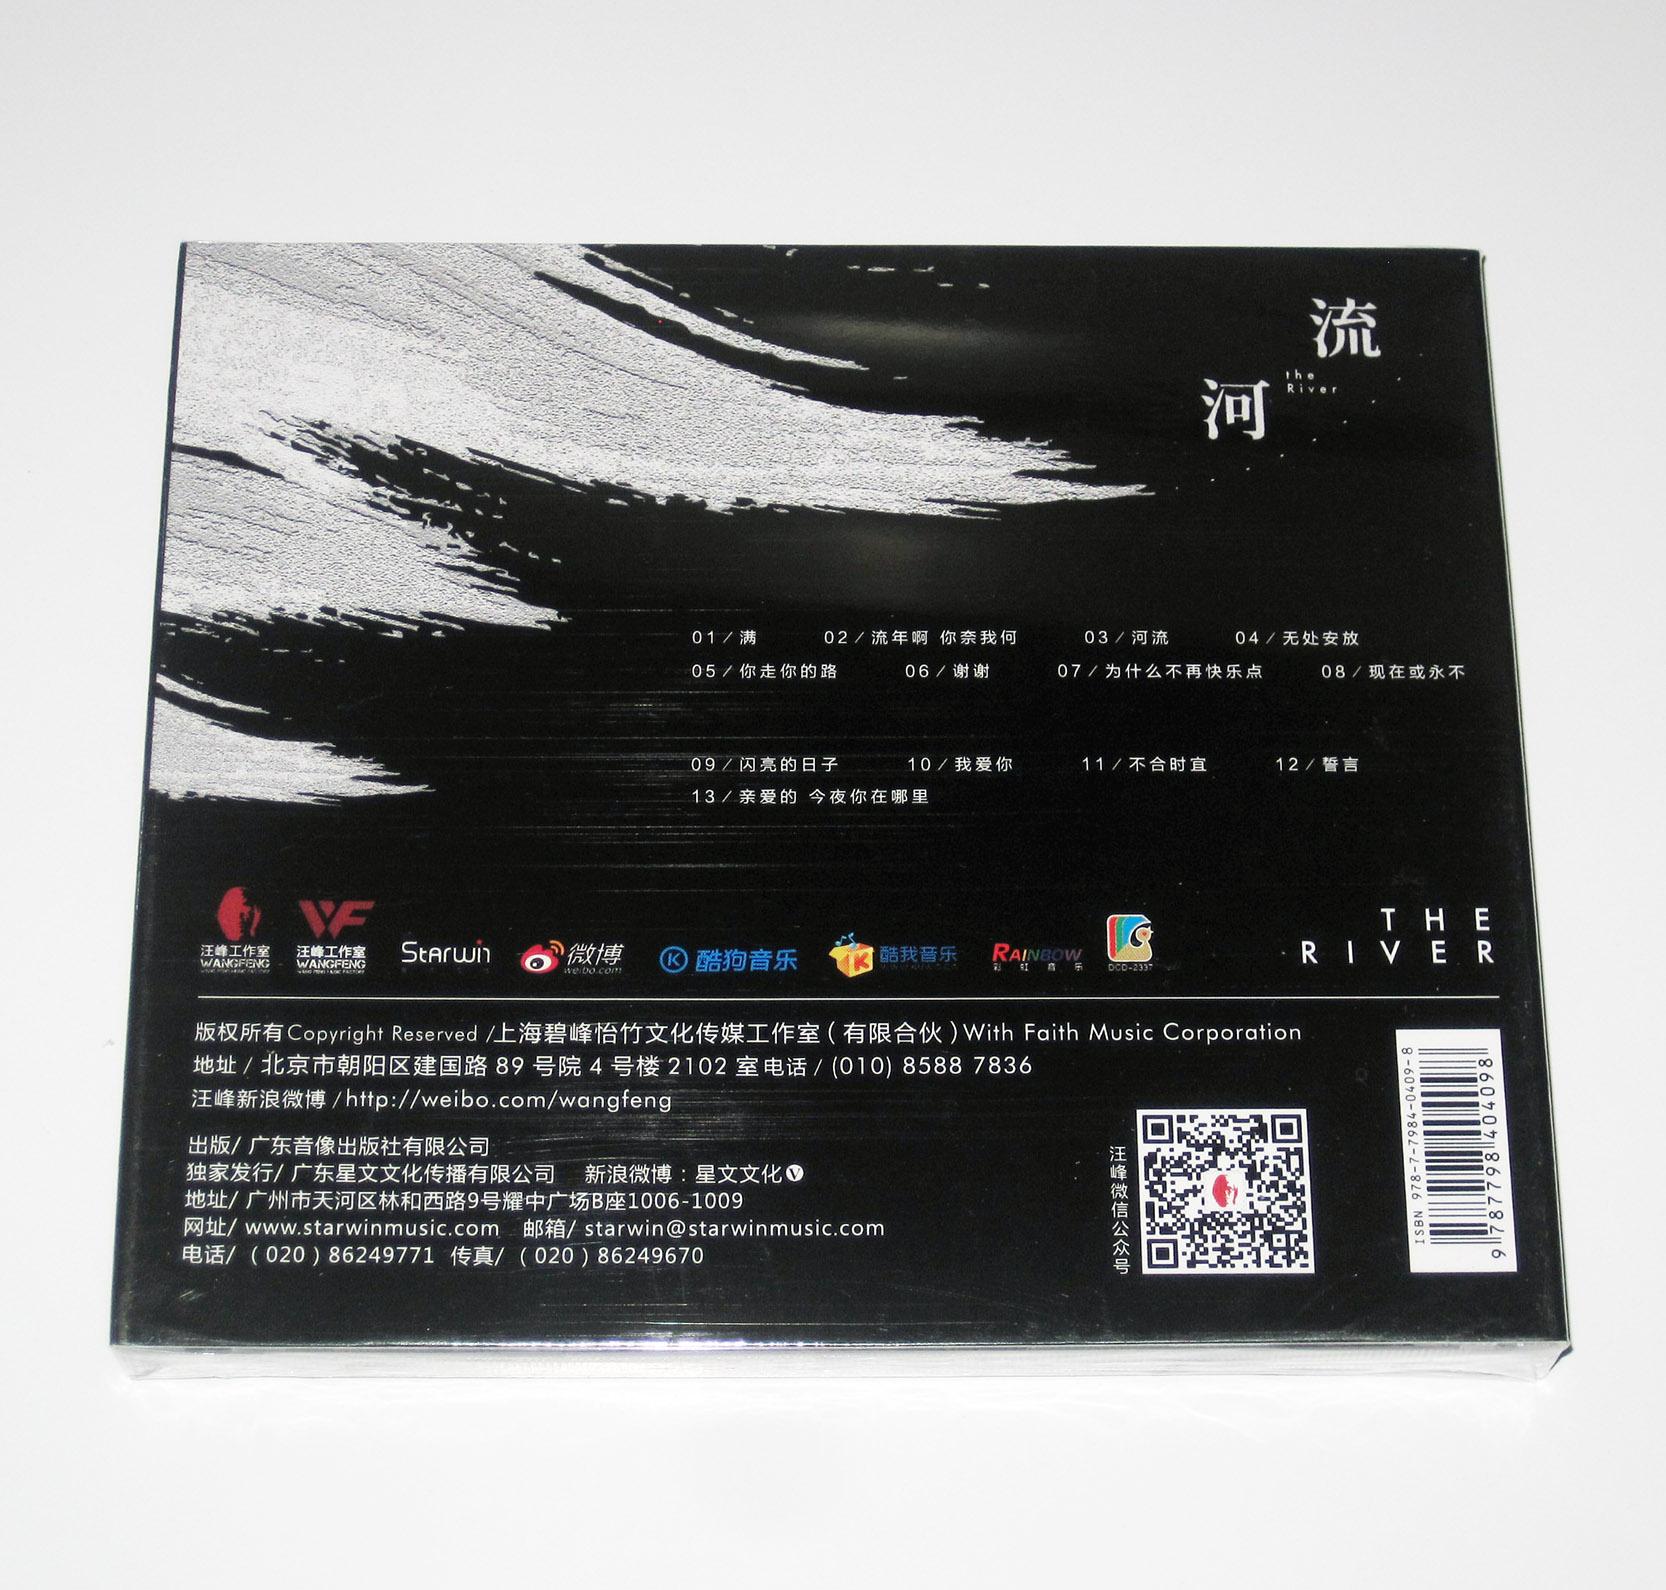 正版 汪峰2015年新专辑 汪峰 河流 cd 你走你的路 谢谢